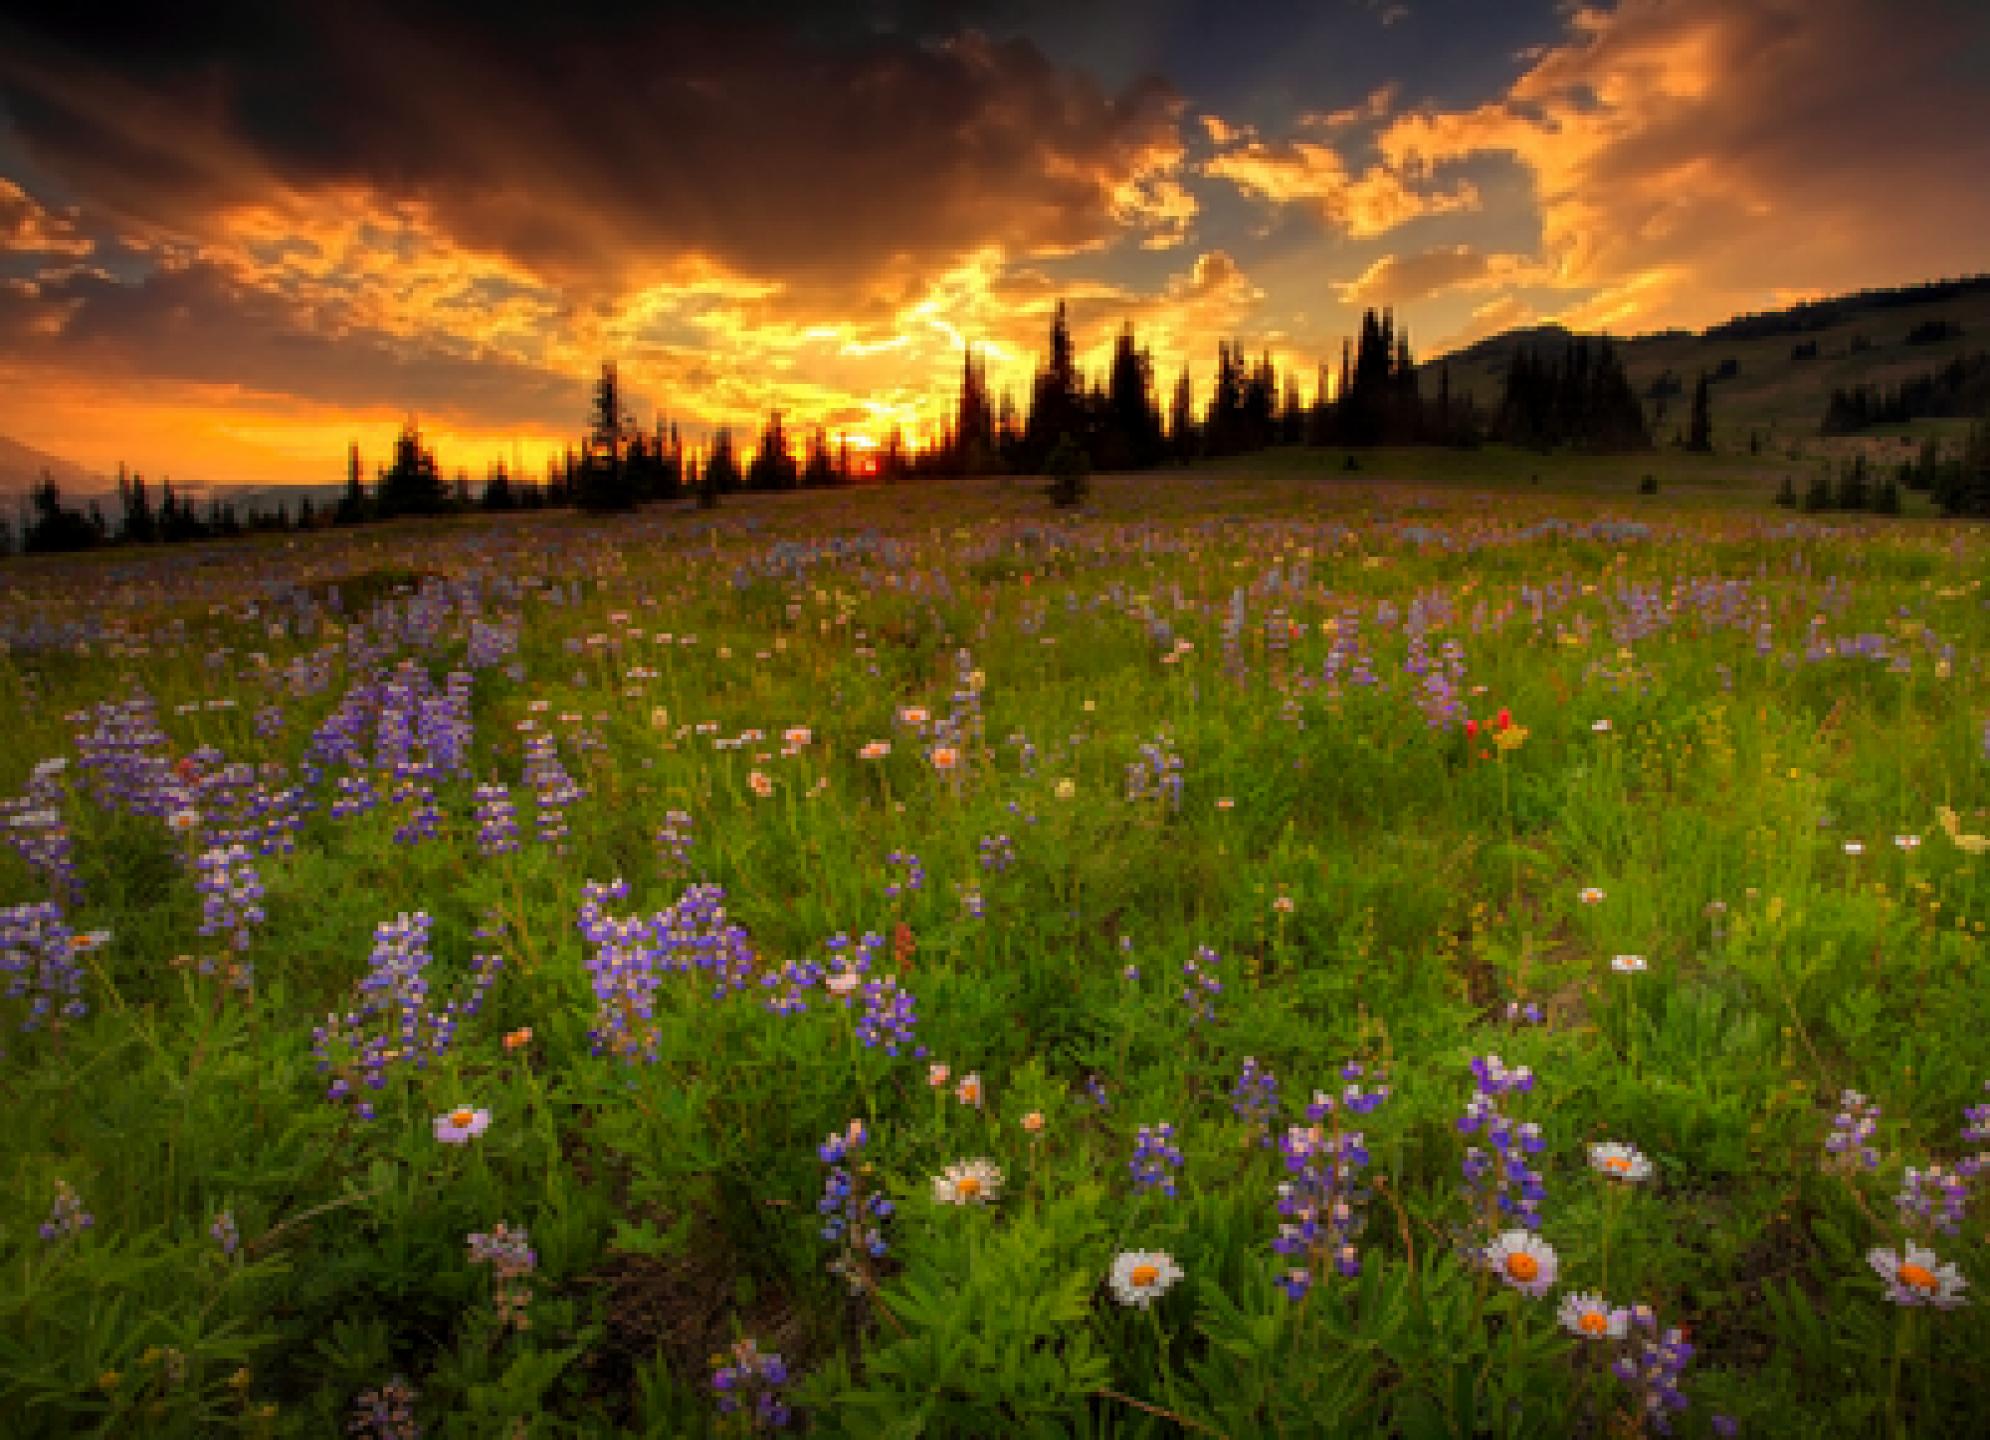 جدیدترین عکس های فوق العاده زیبا از طبیعت